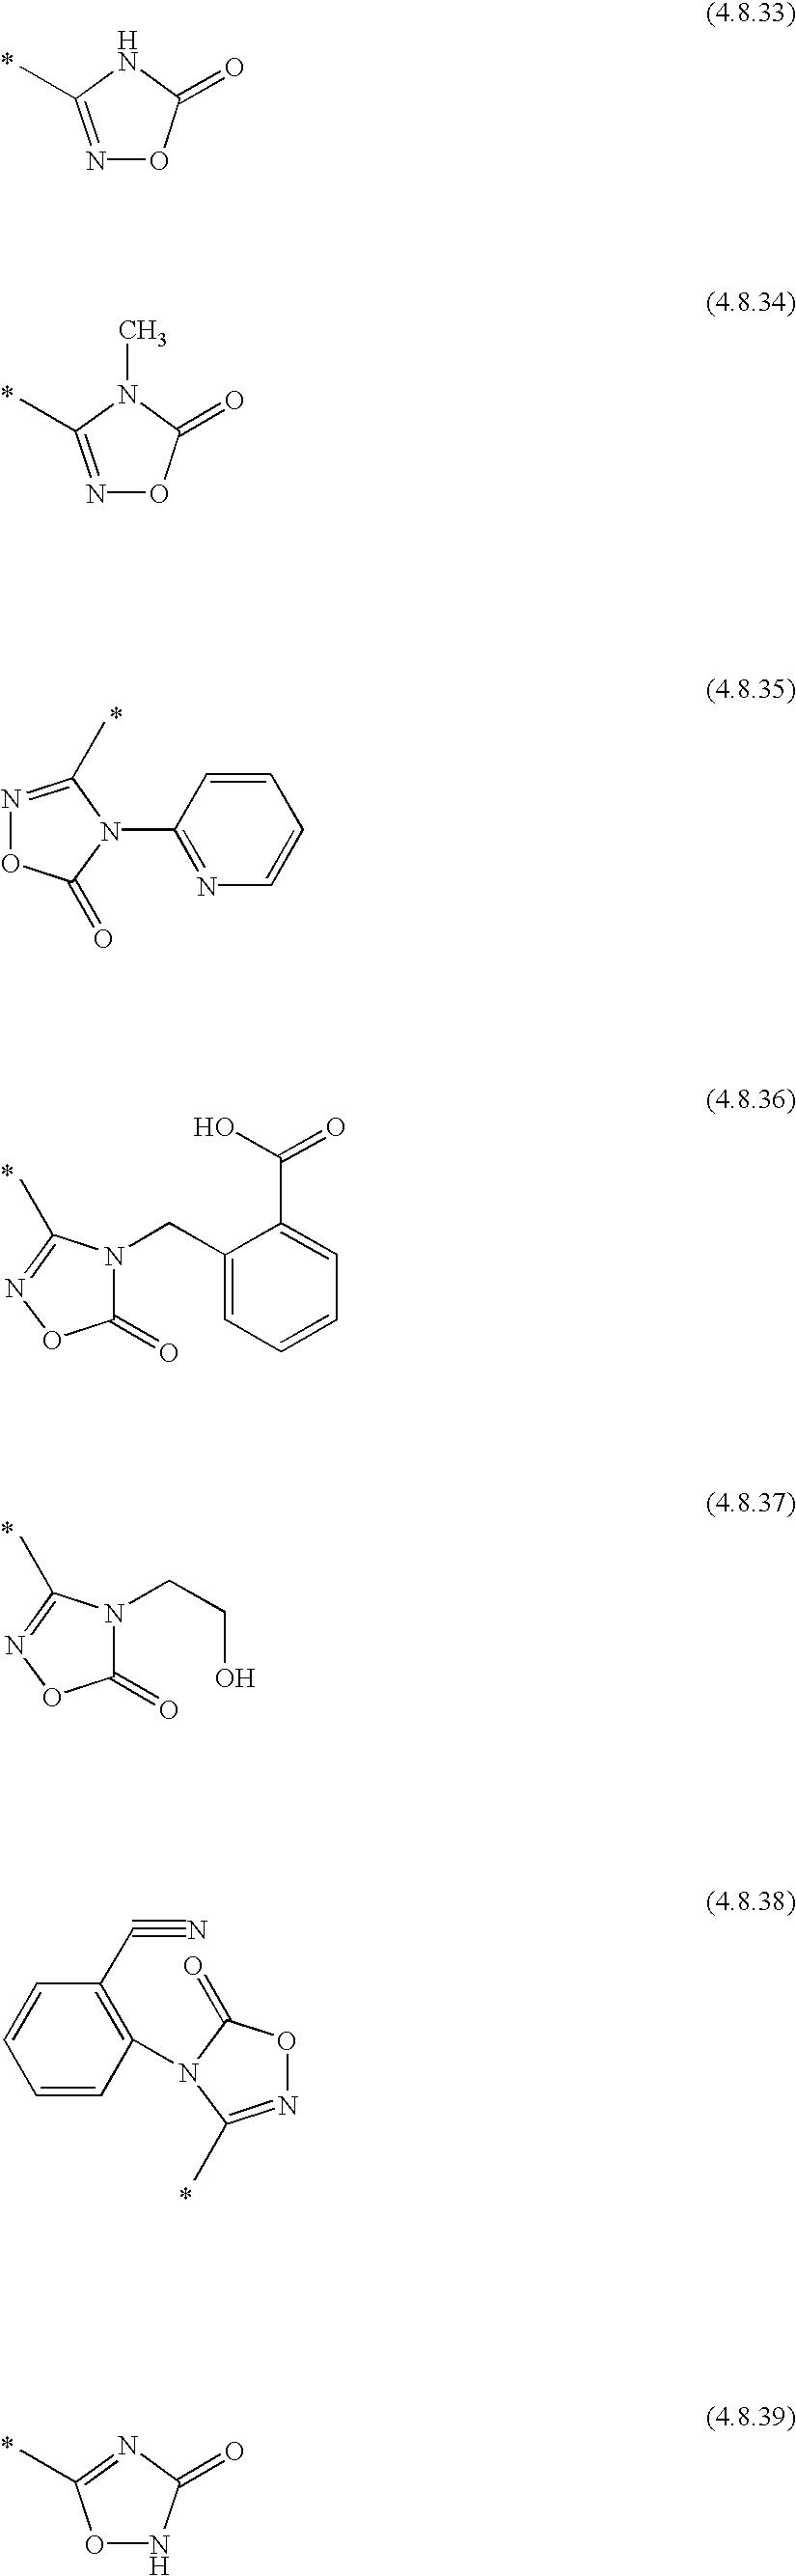 Figure US20030186974A1-20031002-C00161